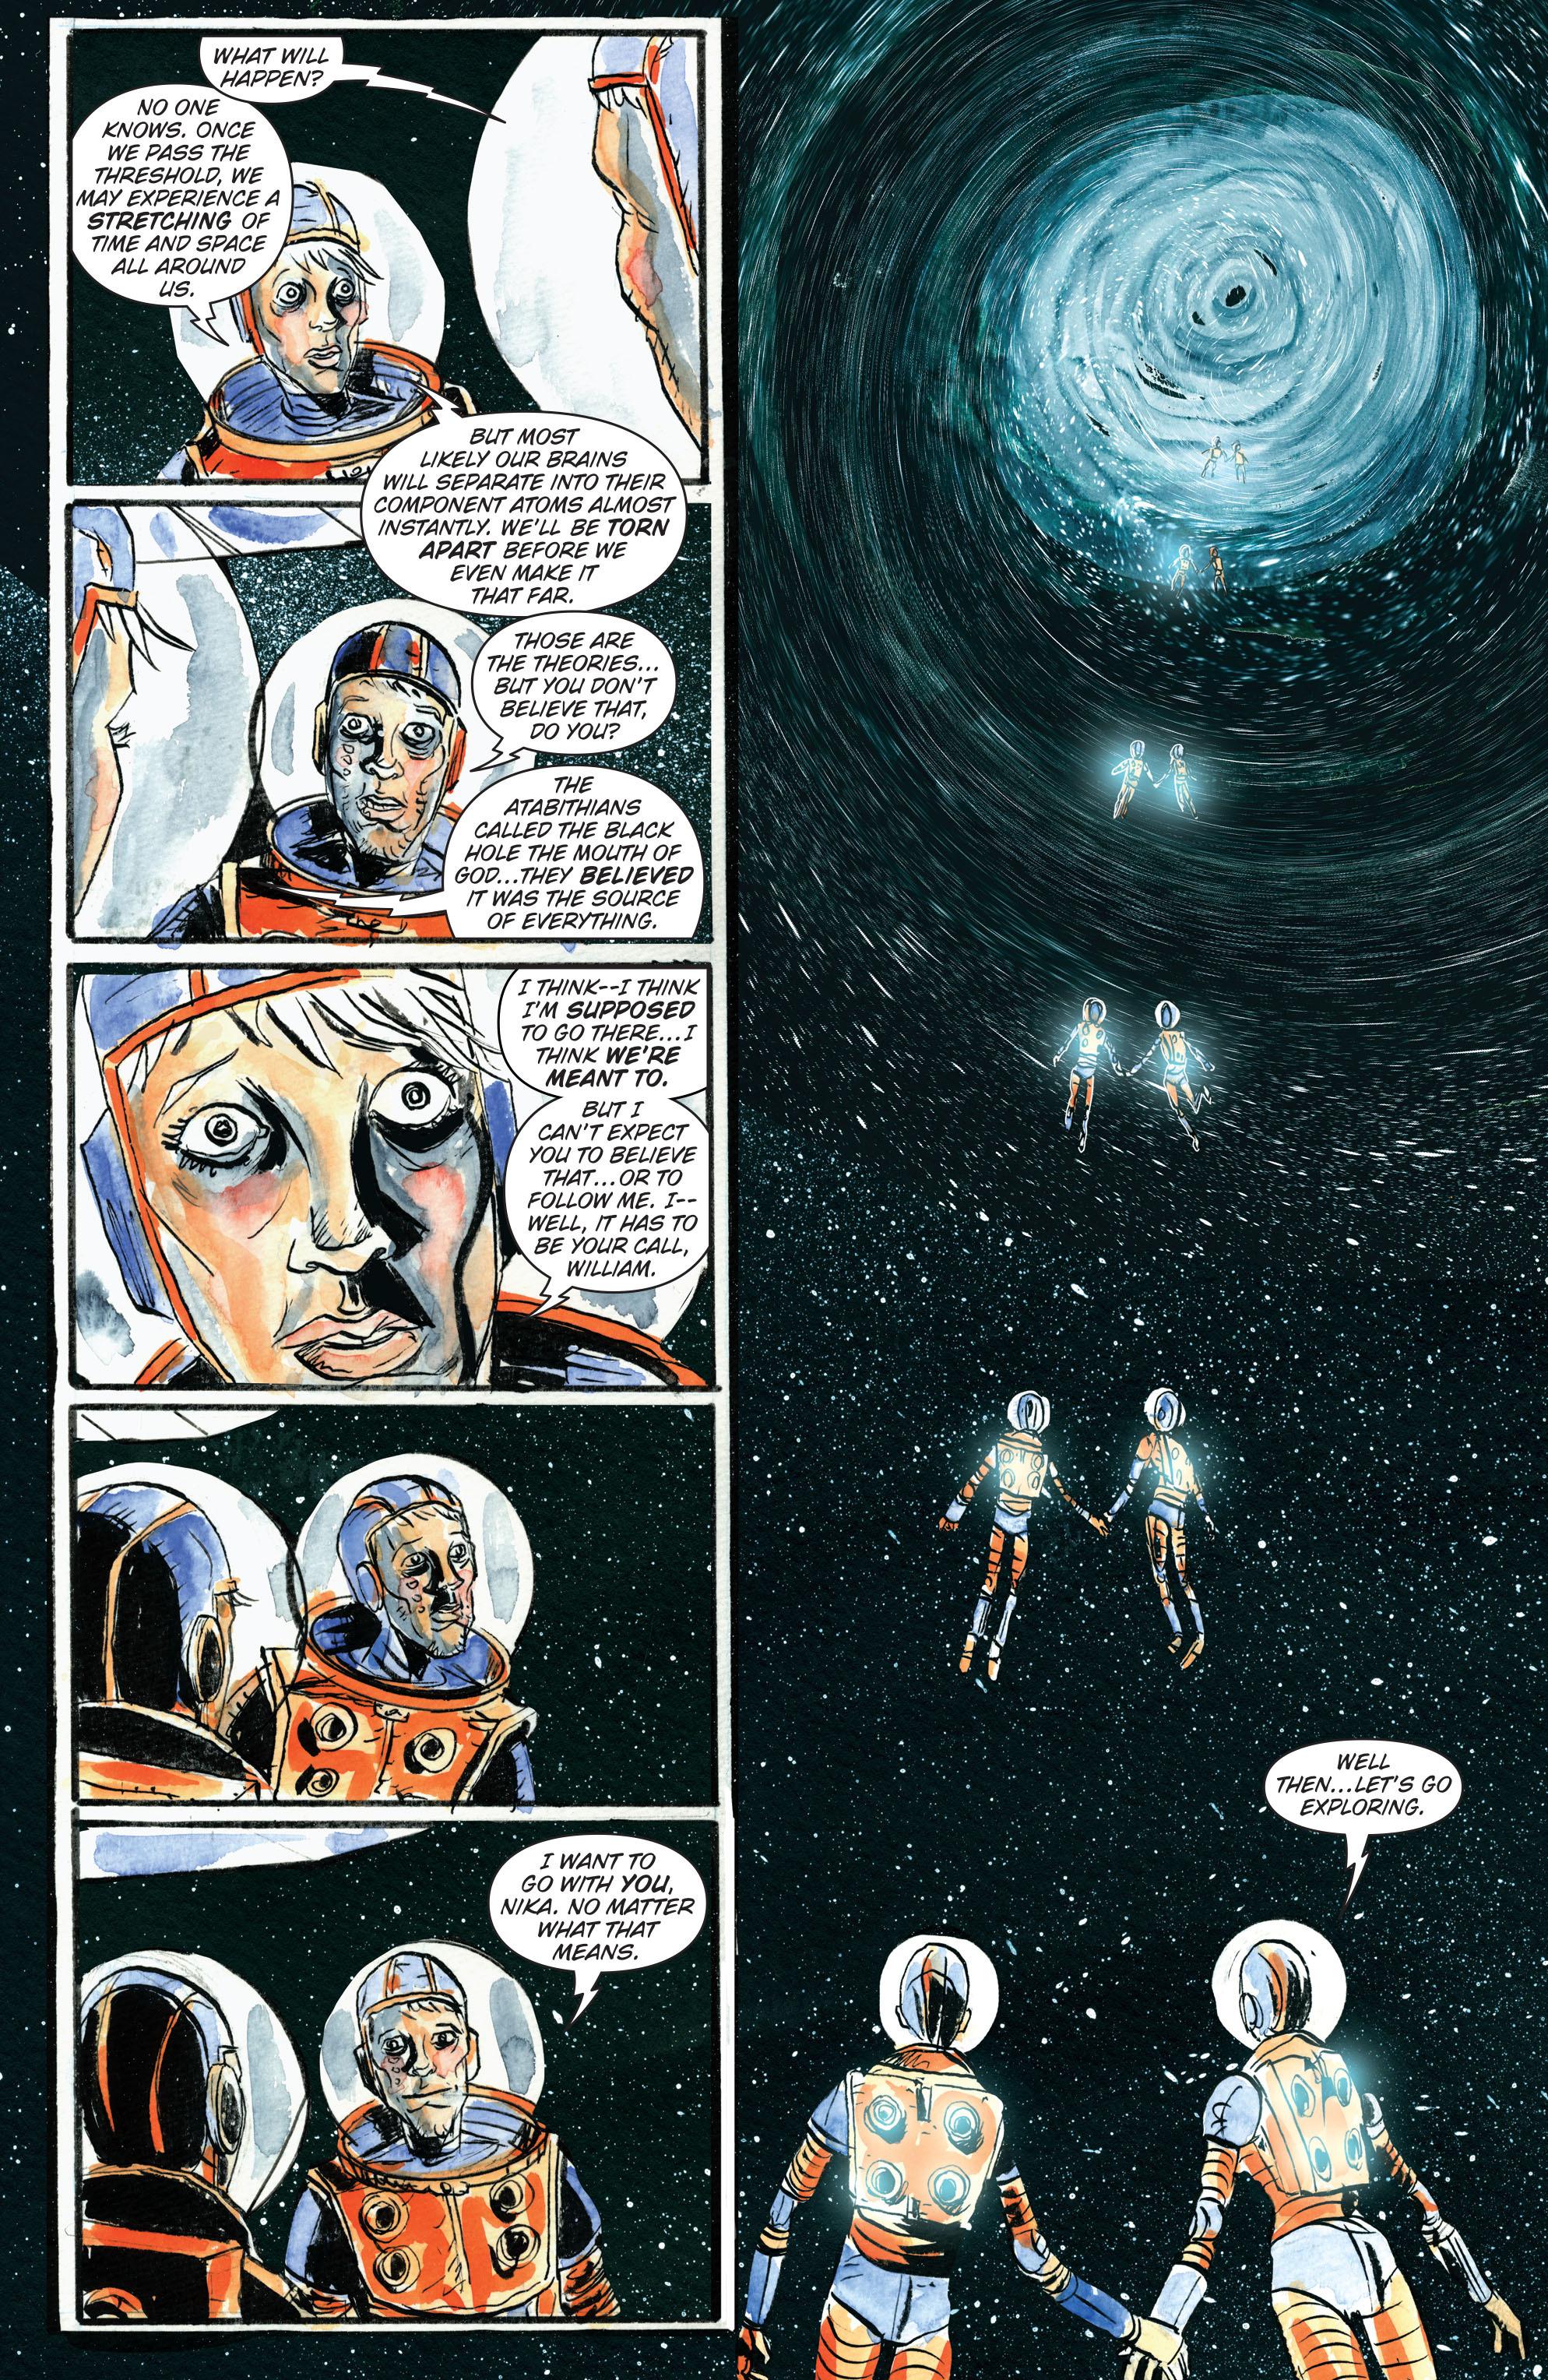 Read online Trillium comic -  Issue # TPB - 198